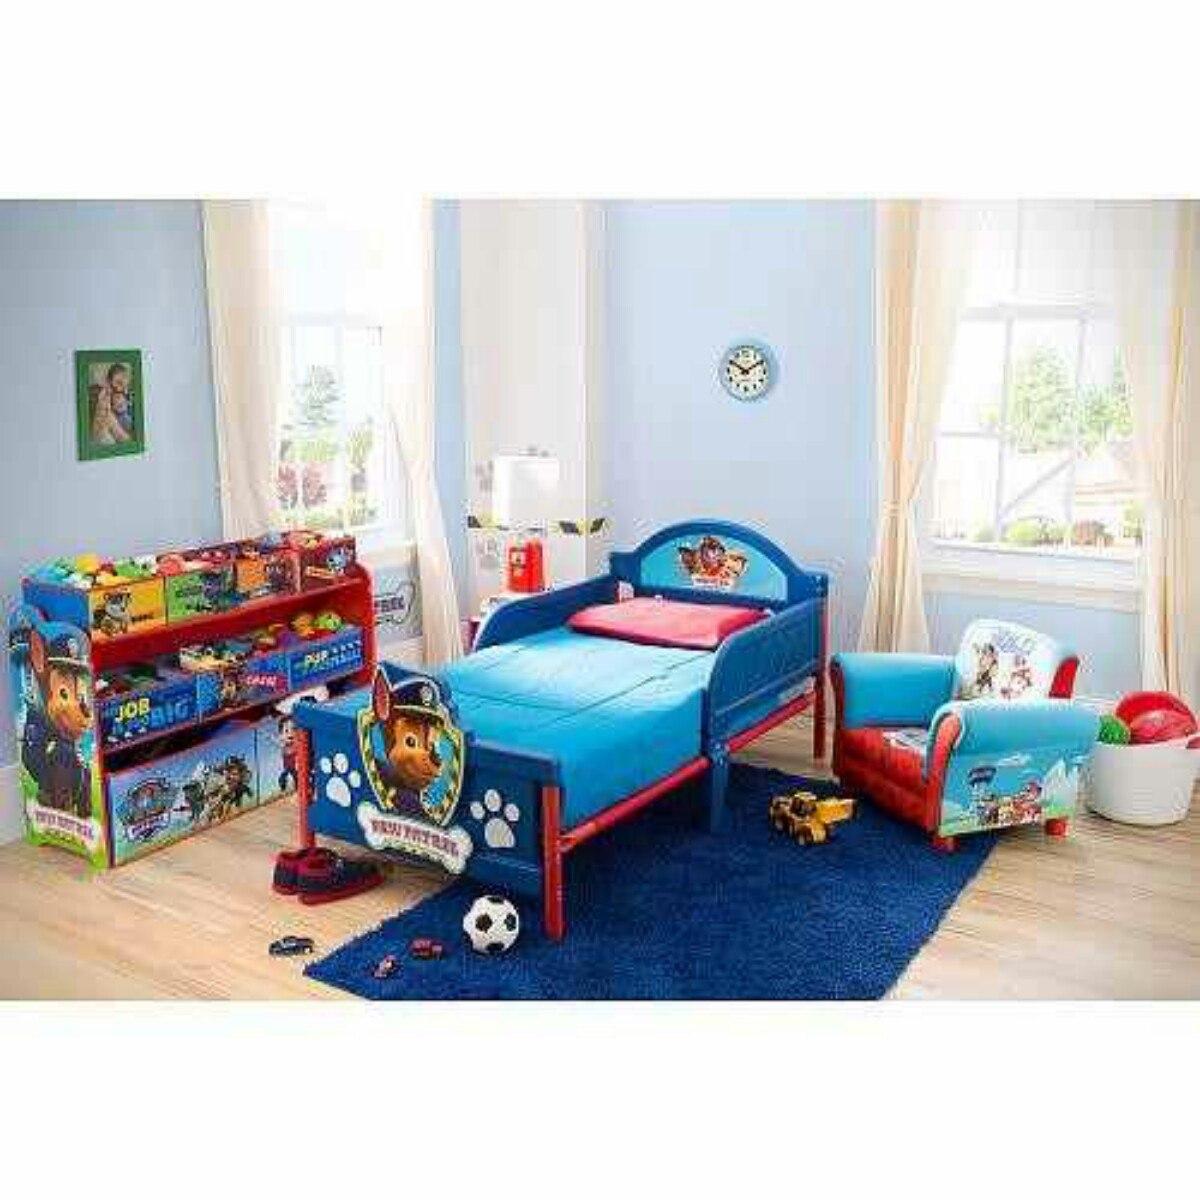 Toddler beds for boys - Cama De Transici 243 N Paw Patrol Dise 241 O 3d Delta Childrens